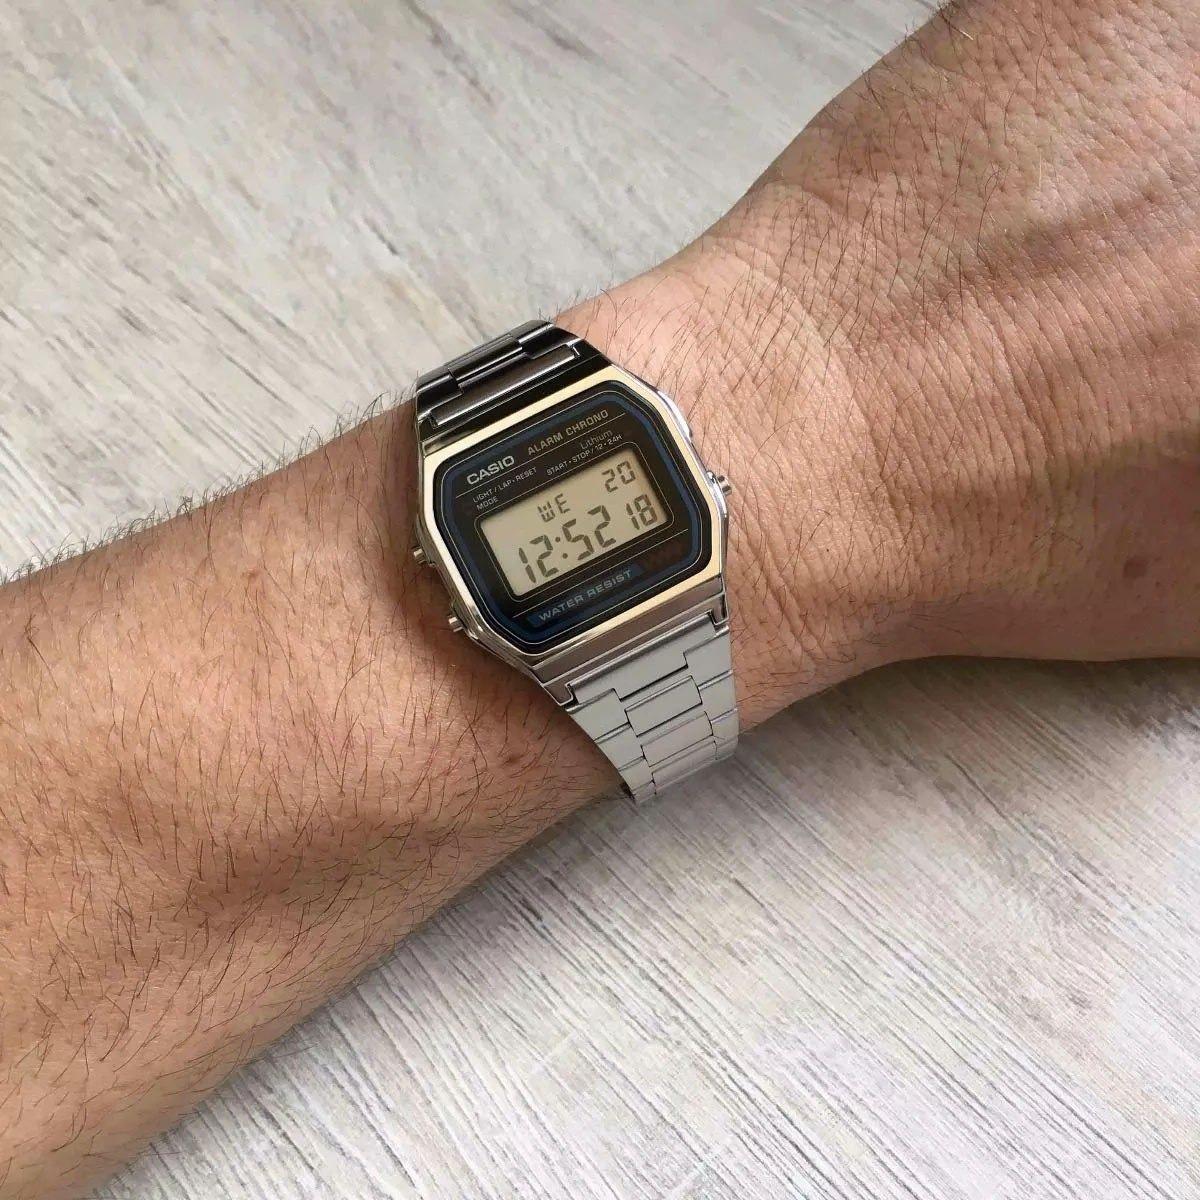 online retailer 1643d f95d9 Relógio Digital Casio A158wa Retrô Vintage Prata + Caixa